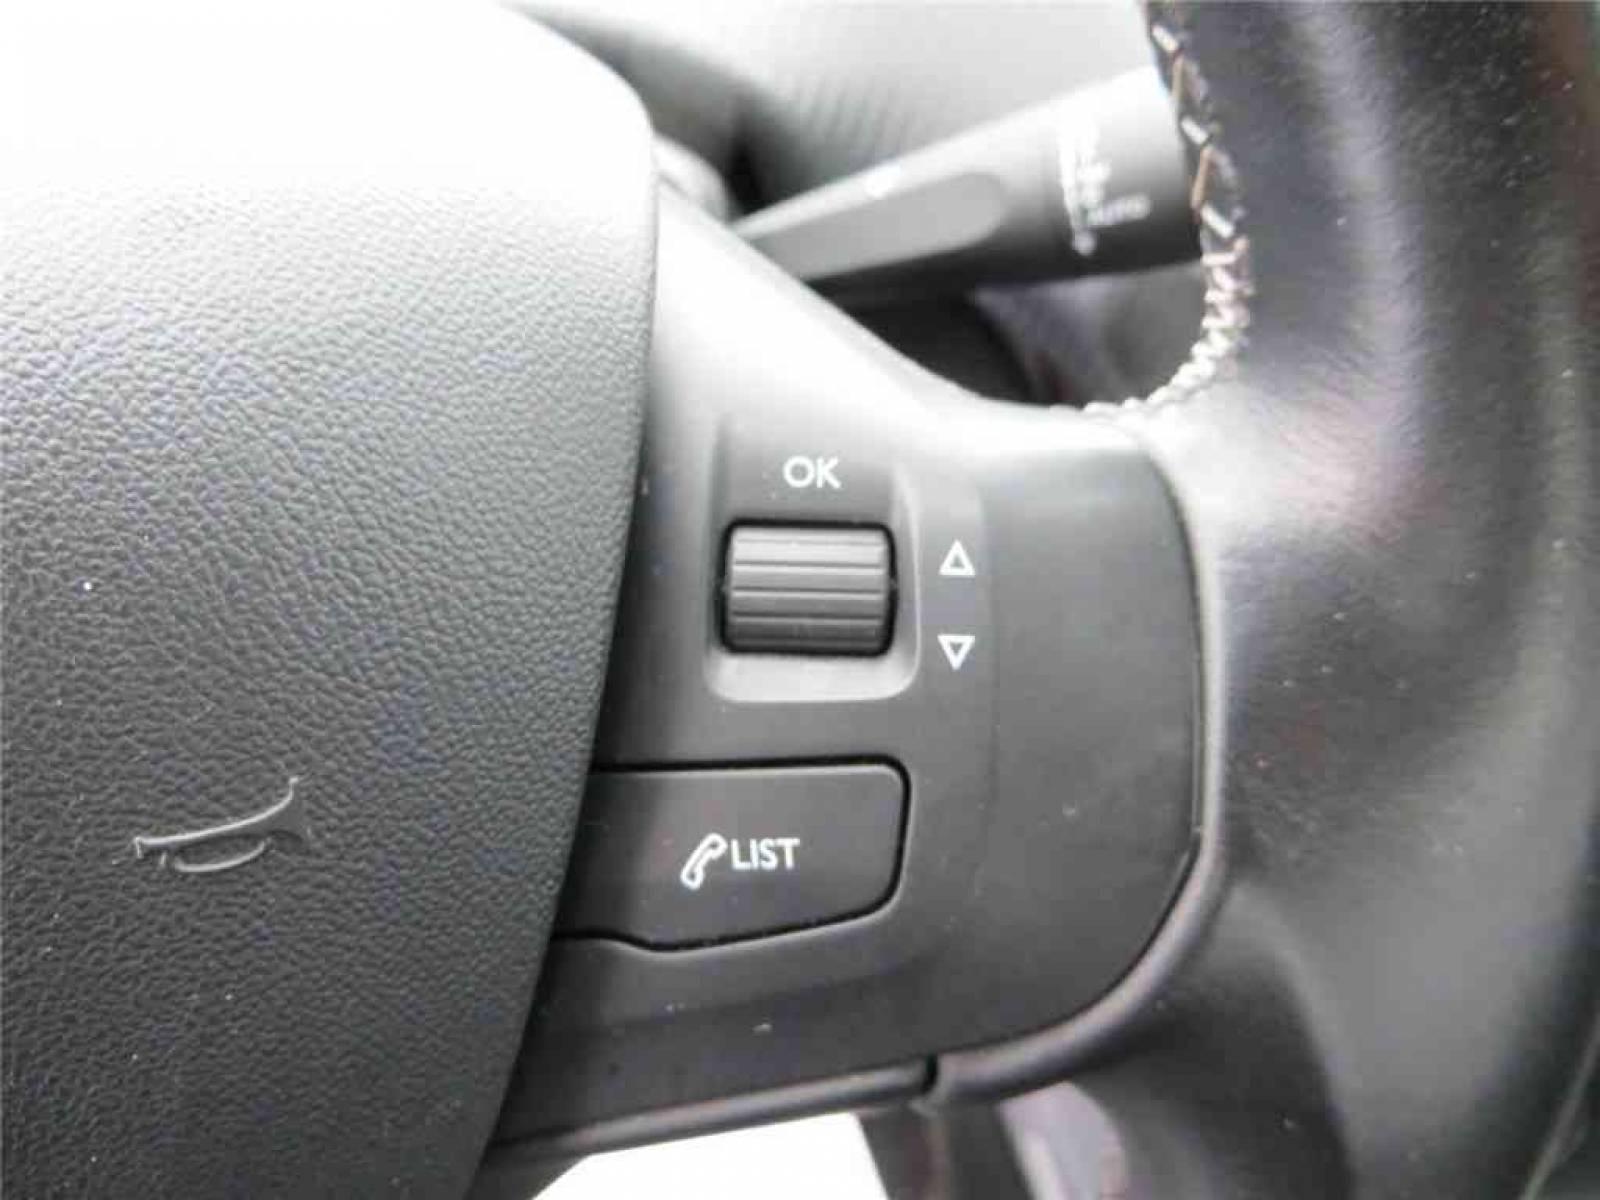 PEUGEOT 208 1.2 PureTech 82ch BVM5 - véhicule d'occasion - Groupe Guillet - Opel Magicauto - Chalon-sur-Saône - 71380 - Saint-Marcel - 16